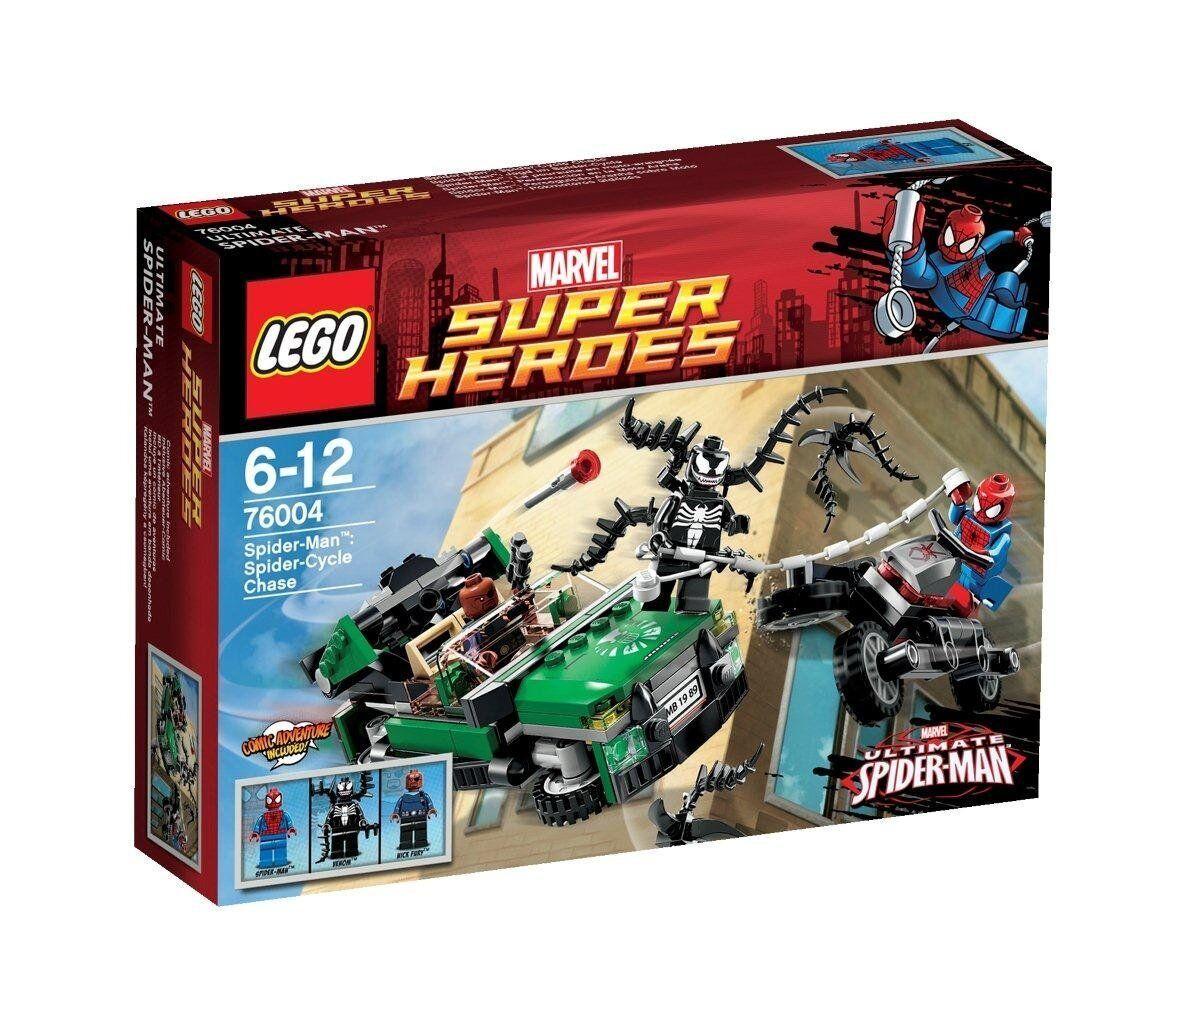 LEGO Super Heroes - Marvel - 76004  - La Moto-Araignée - Spider-Man - Venom  vente discount